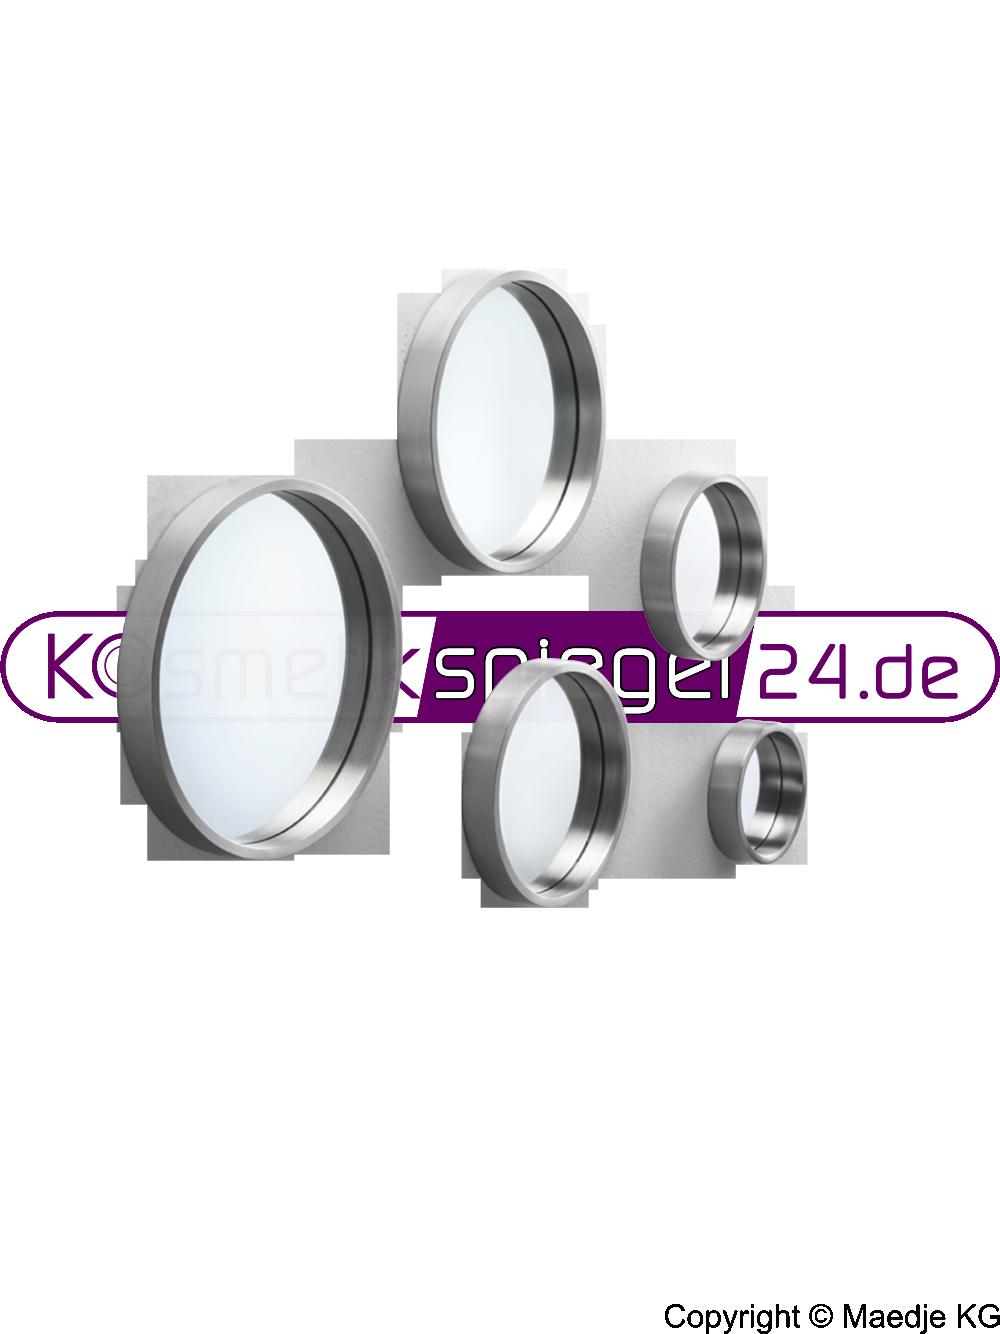 kosmetikspiegel online kaufen maedje kg lb design 5er. Black Bedroom Furniture Sets. Home Design Ideas